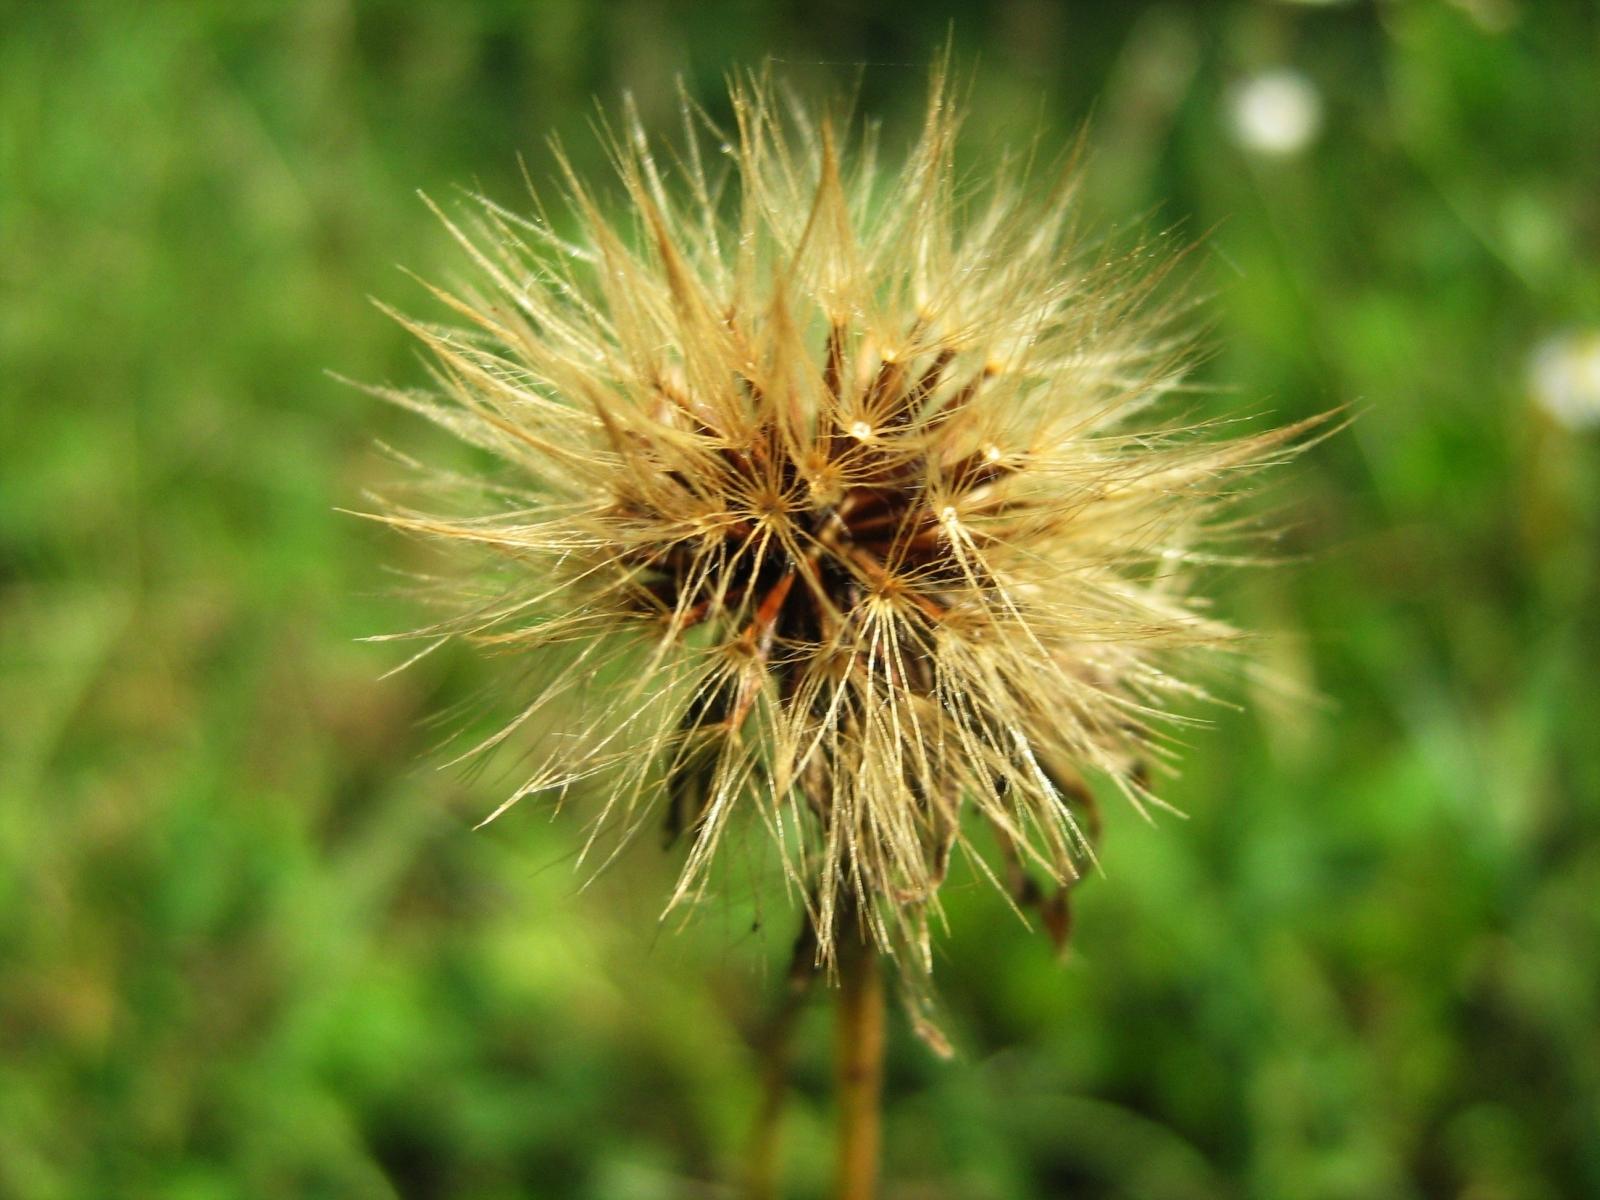 Скачать картинку Одуванчики, Растения в телефон бесплатно.